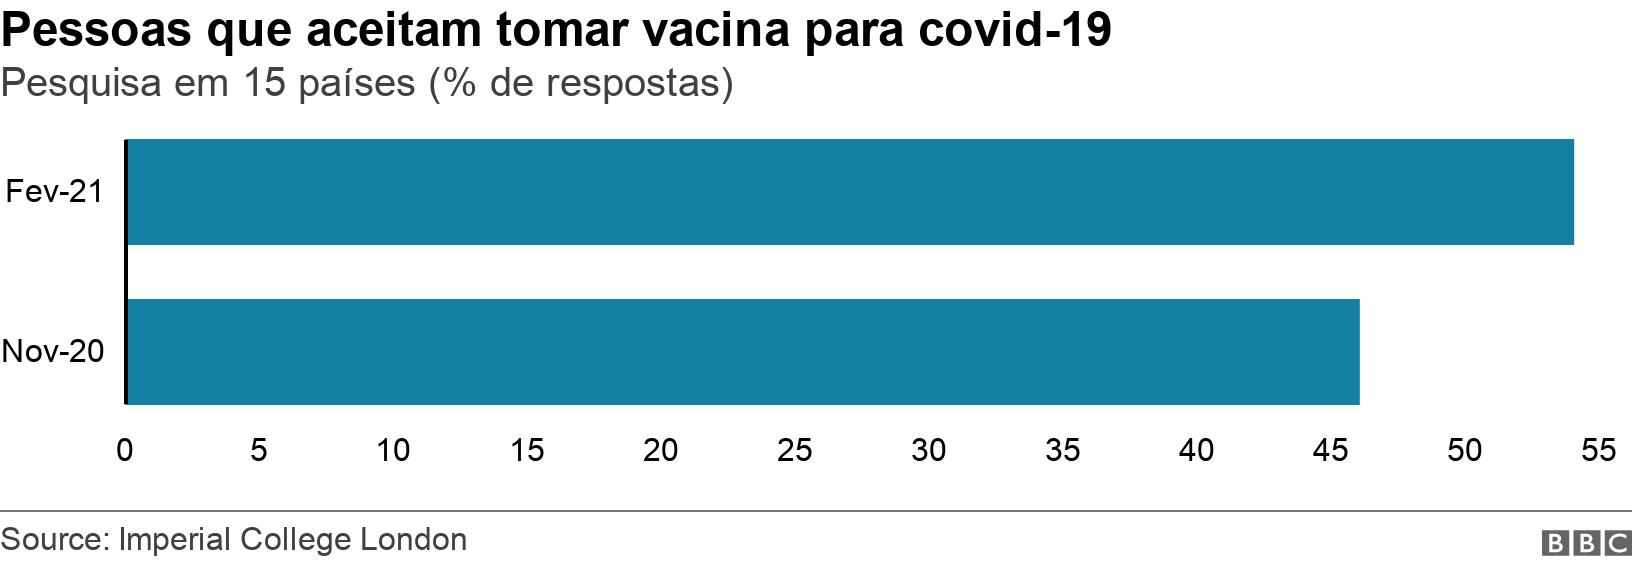 Pessoas que aceitam tomar vacina para covid-19. Pesquisa em 15 países (% de respostas).  .